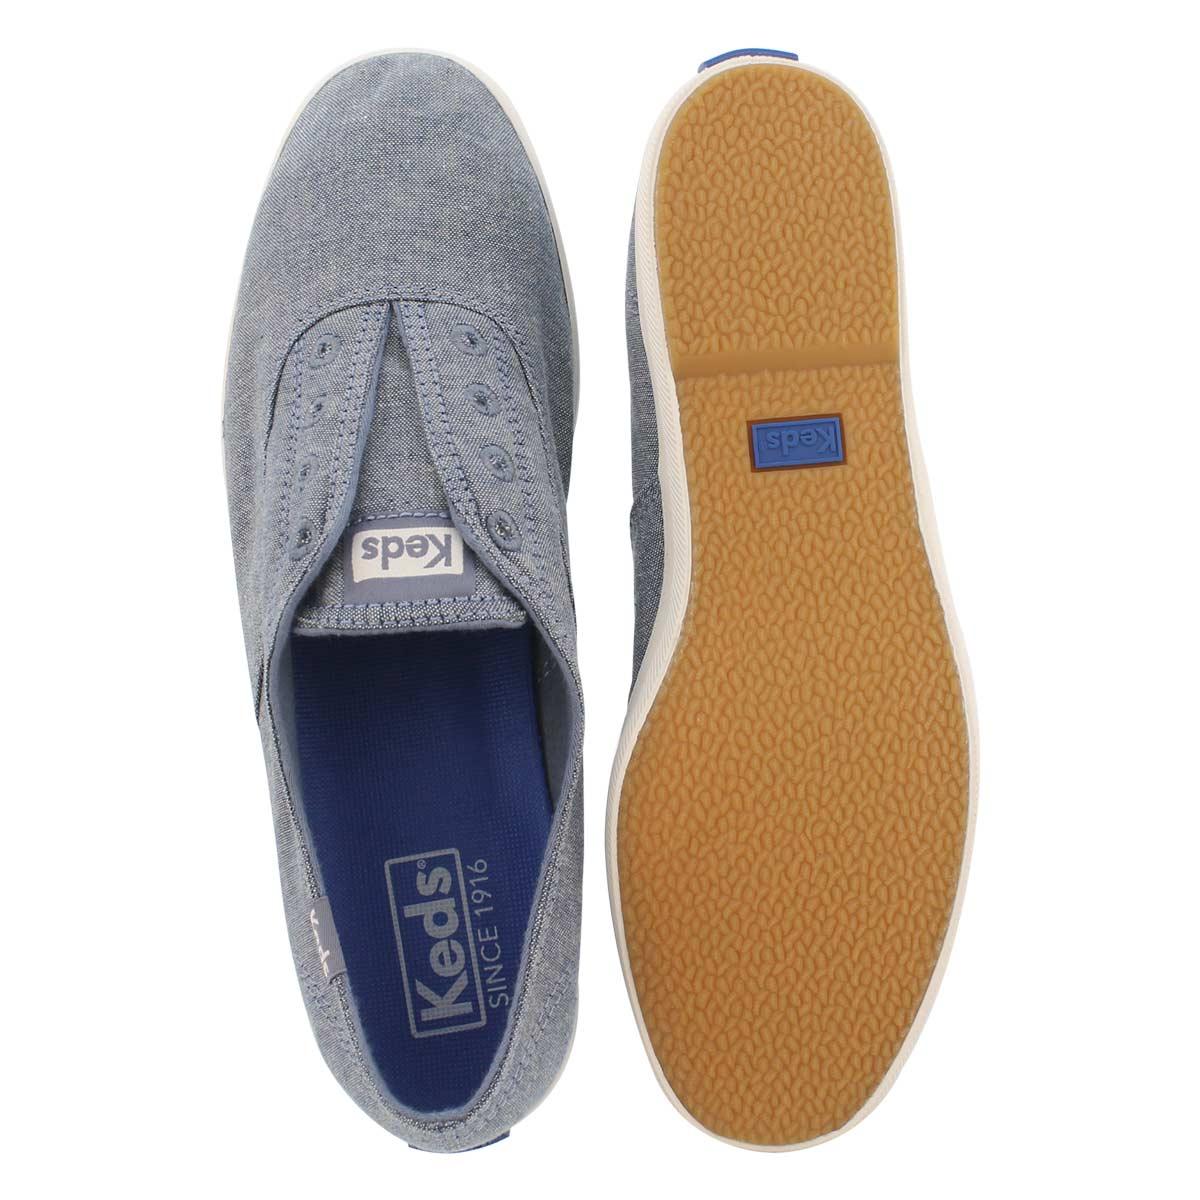 Lds Chillax dark blue fashion sneaker